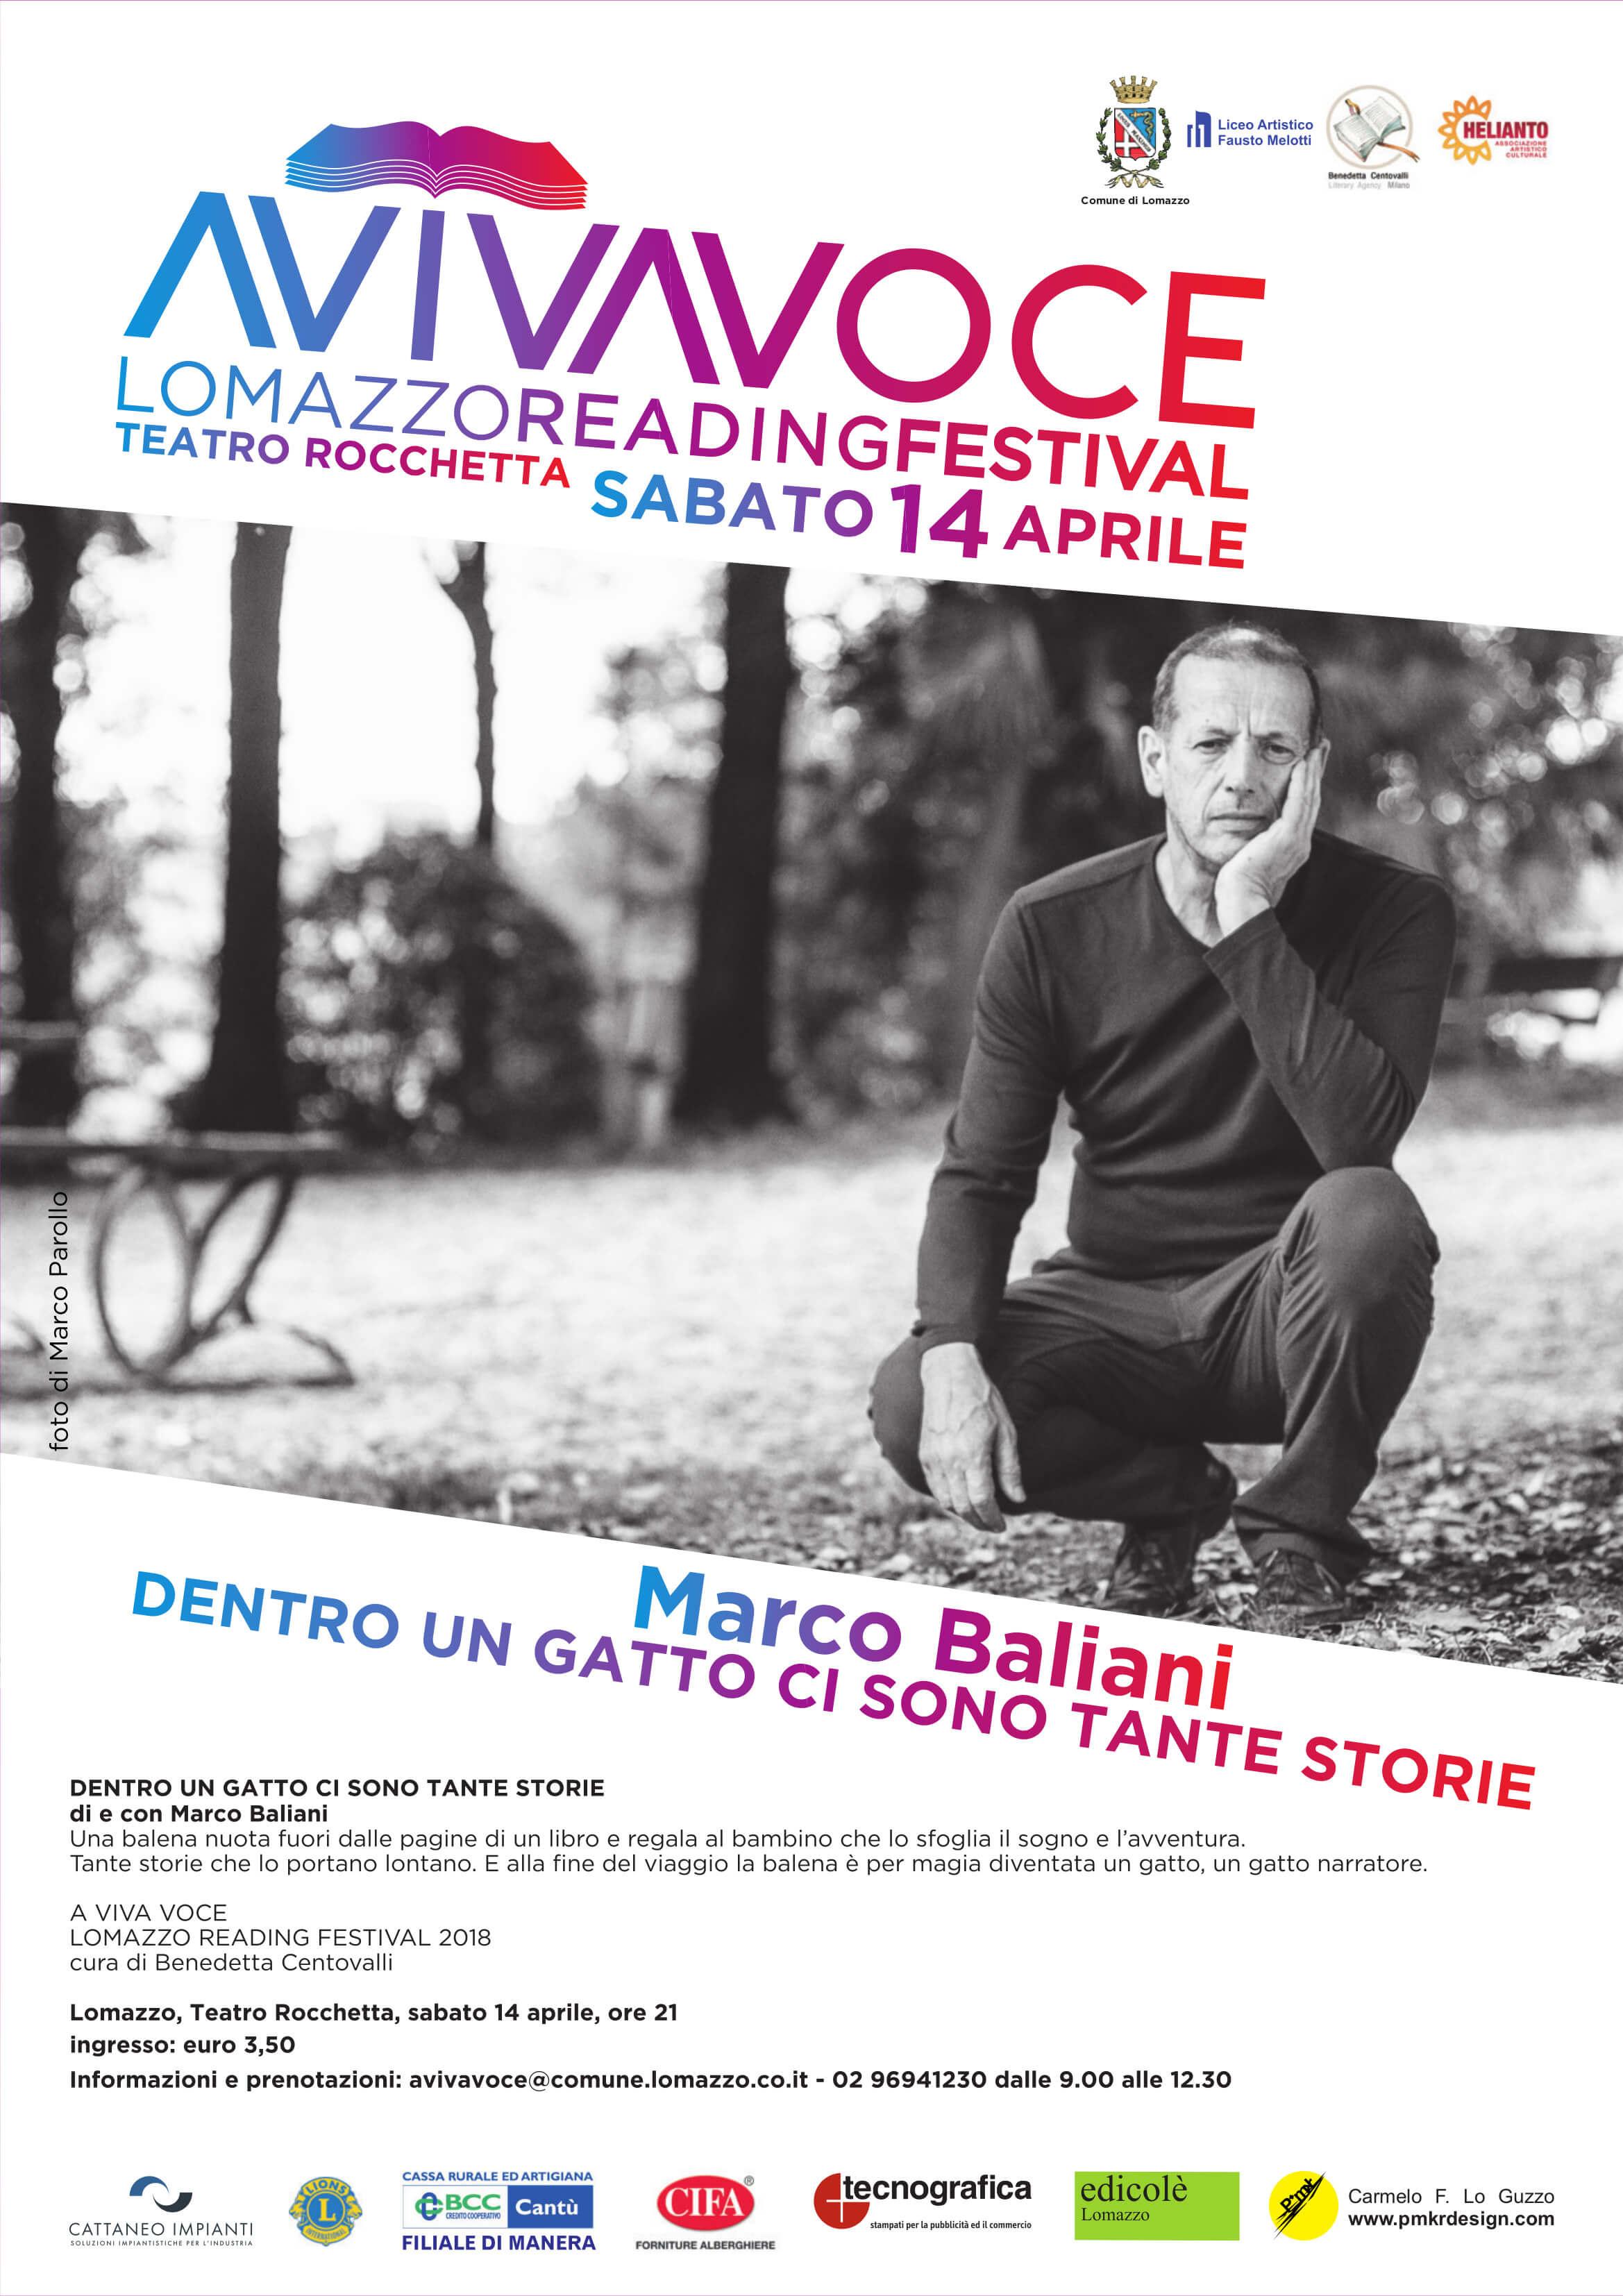 Marco Baliani in DENTRO UN GATTO CI SONO TANTE STORIE